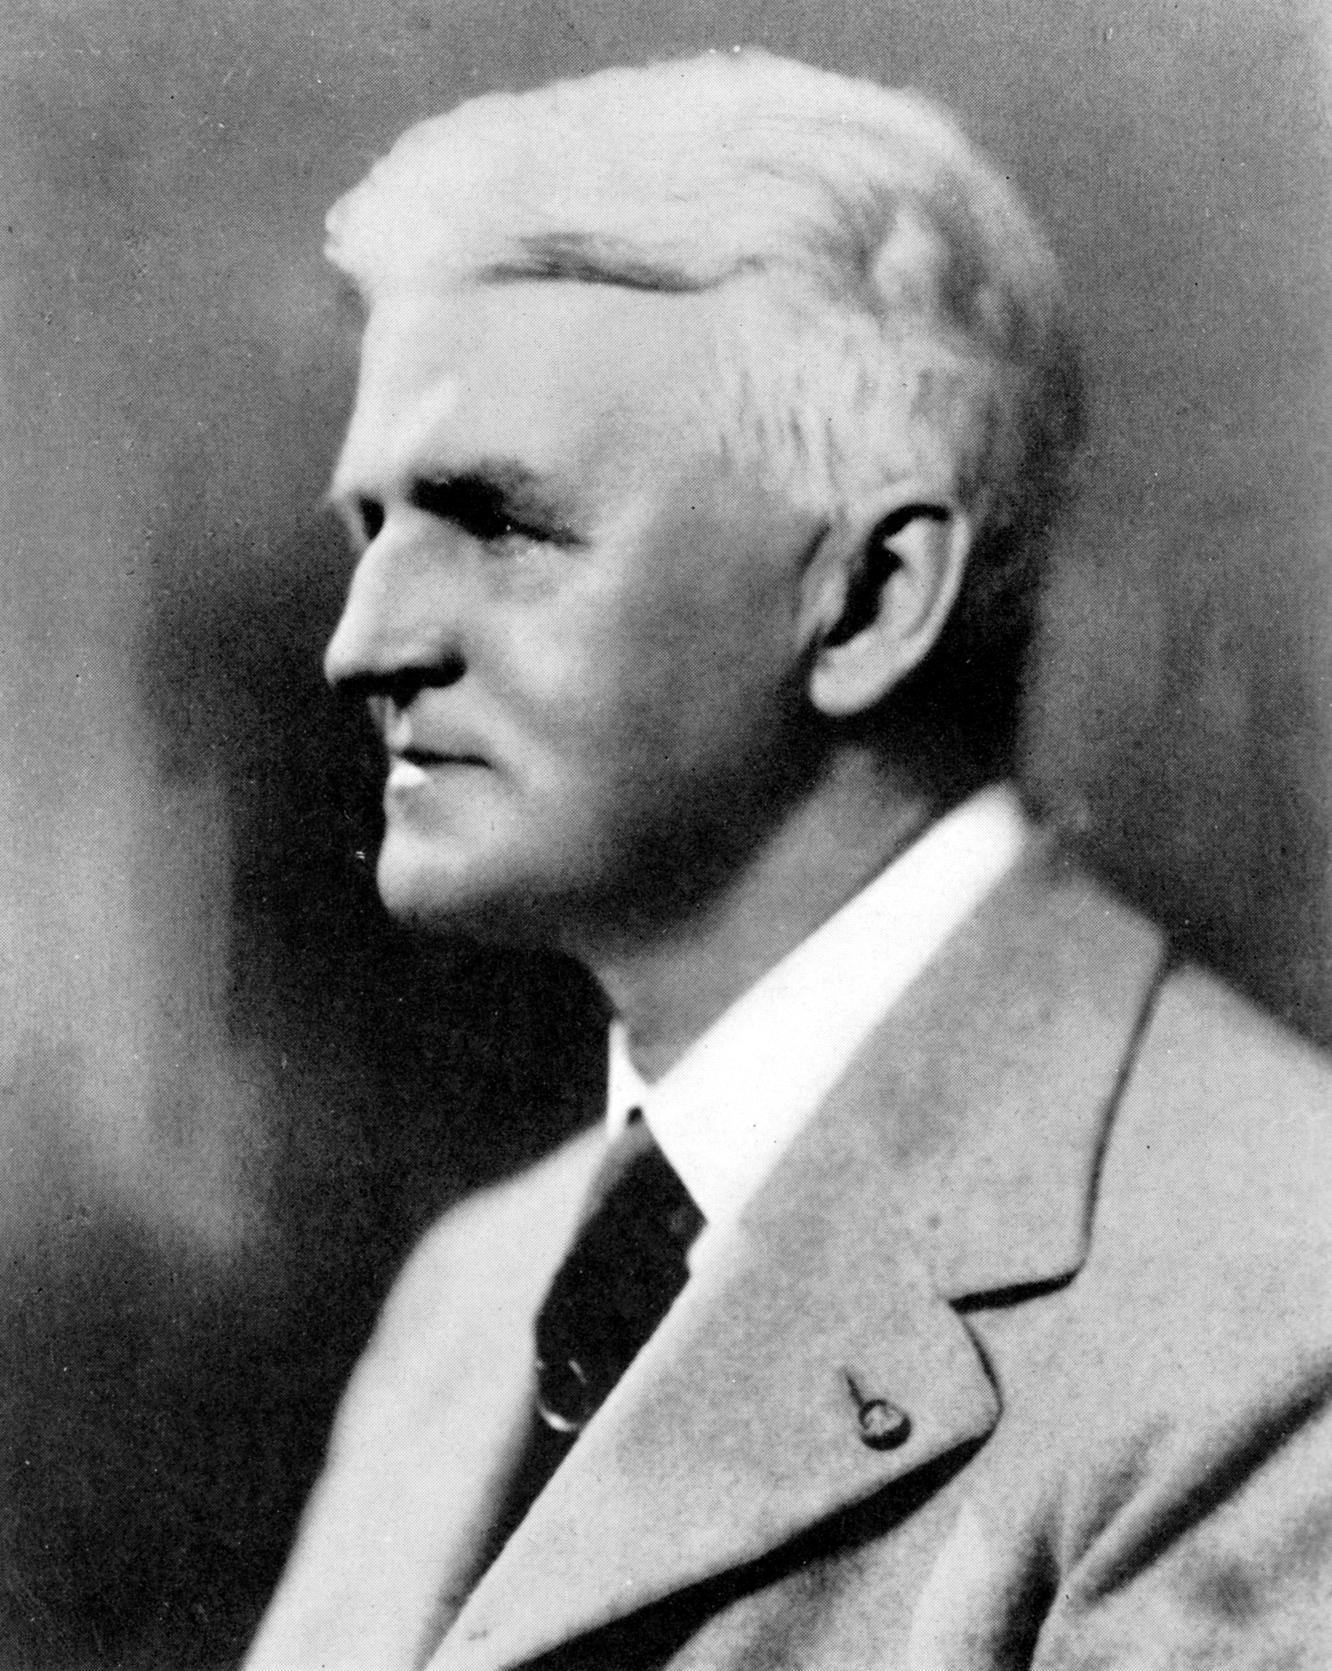 John Rathbone Oliver